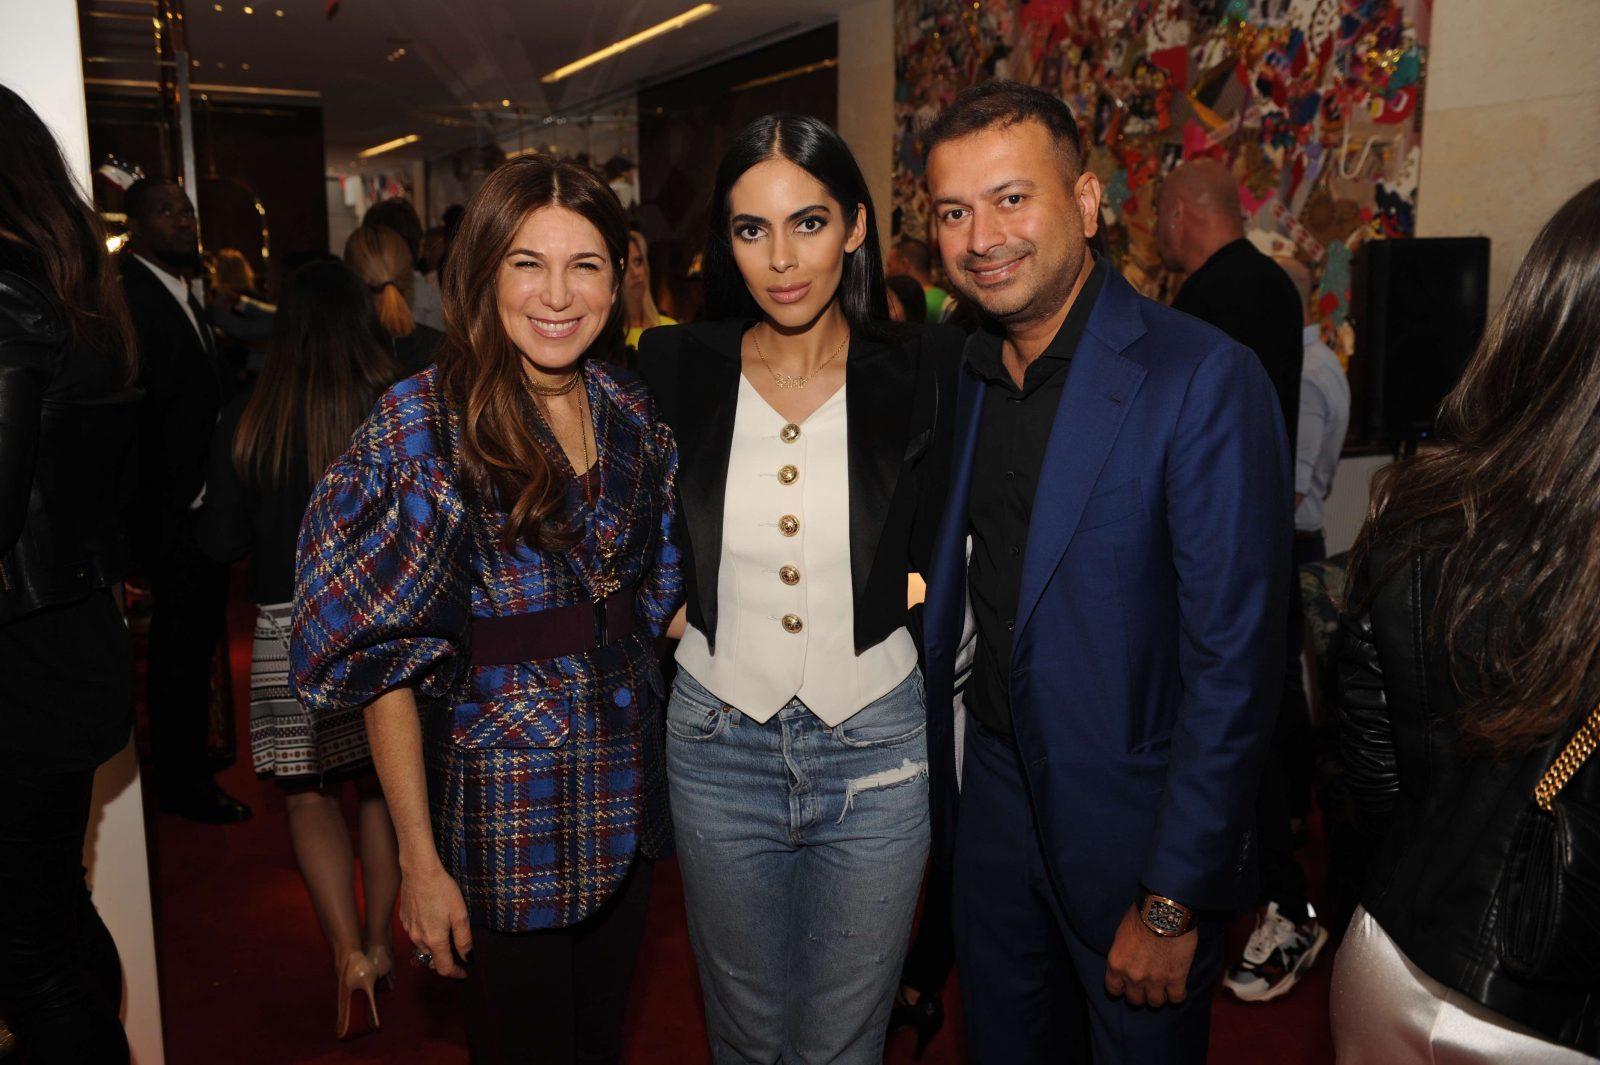 Gisela Lowenstein, Deyvanshi Masrani & Kamal Hotchandani